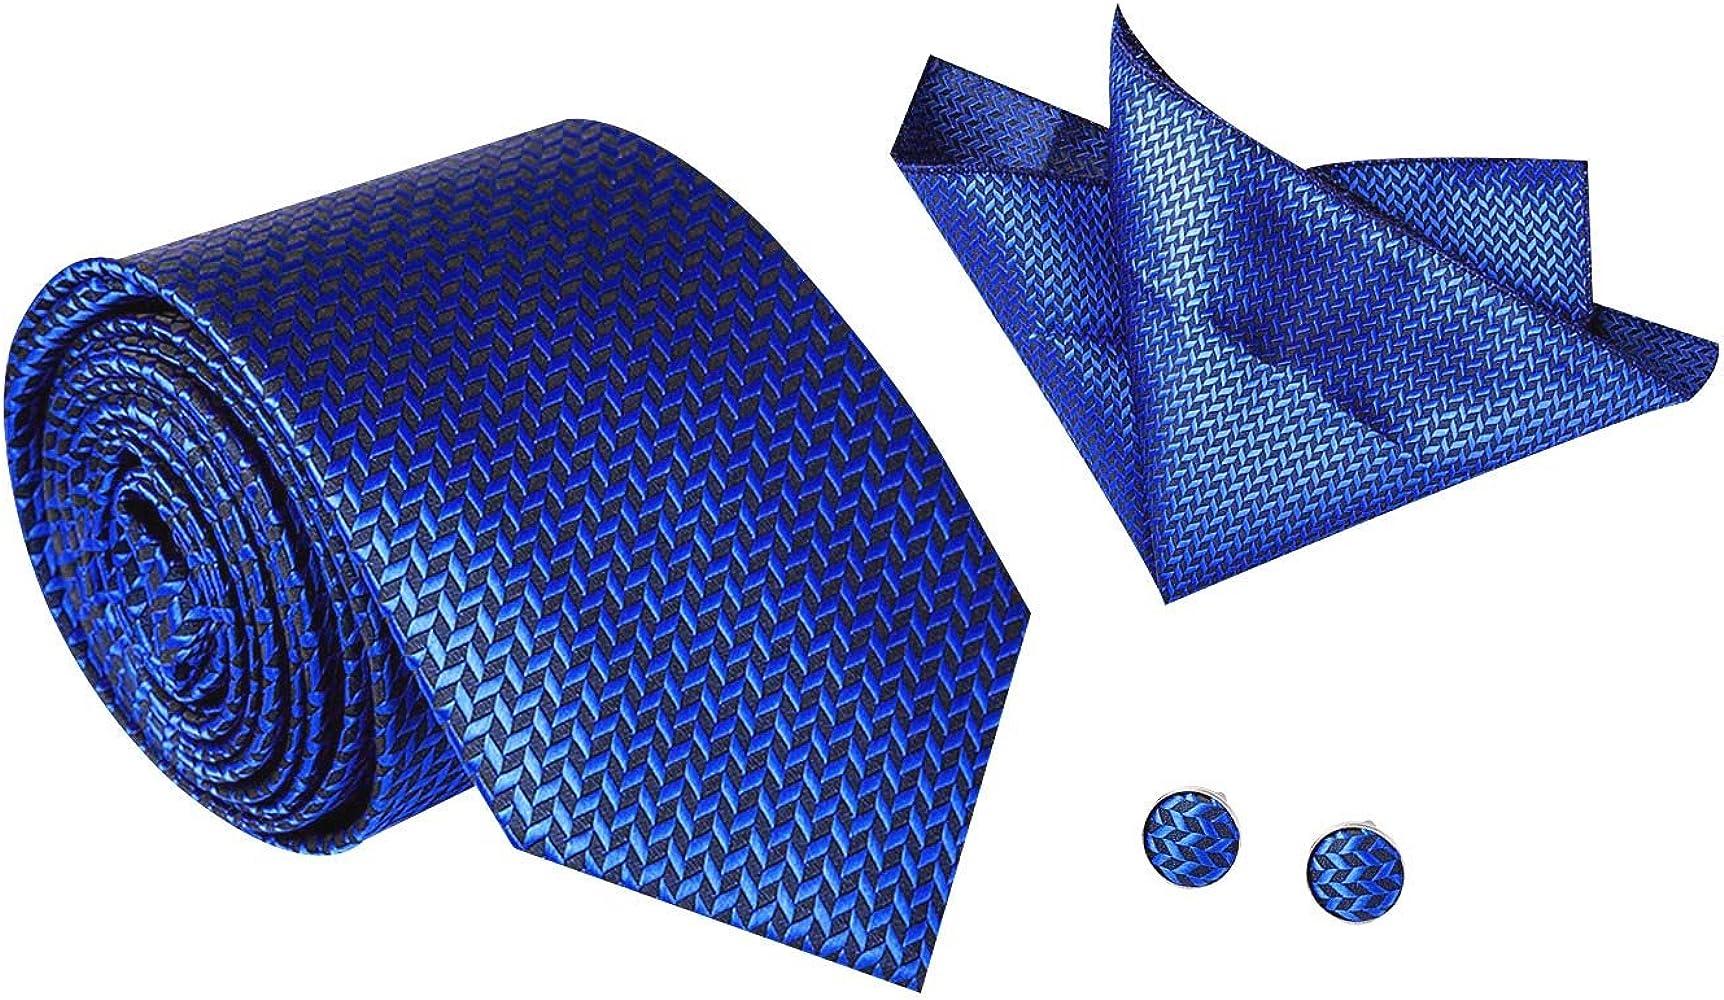 Higgs - Corbata Azul de Hombre 3 in 1 de Poliéster con Gemelos ...